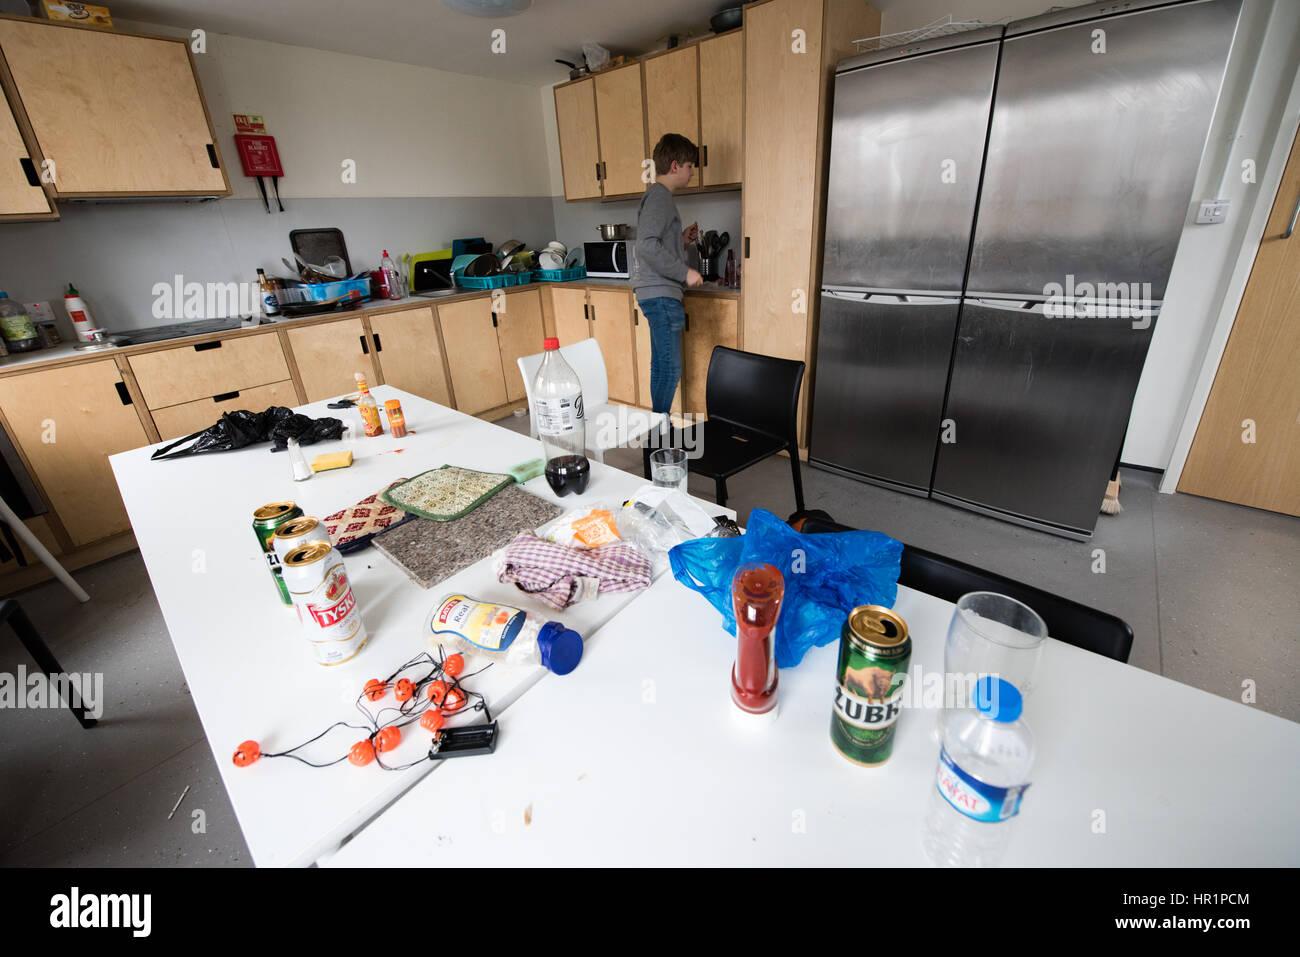 Schmutzig schmutzig Student Gemeinschaftsküche mit Stapel der Abwasch durch das Waschbecken und einem gemeinsamen Stockbild